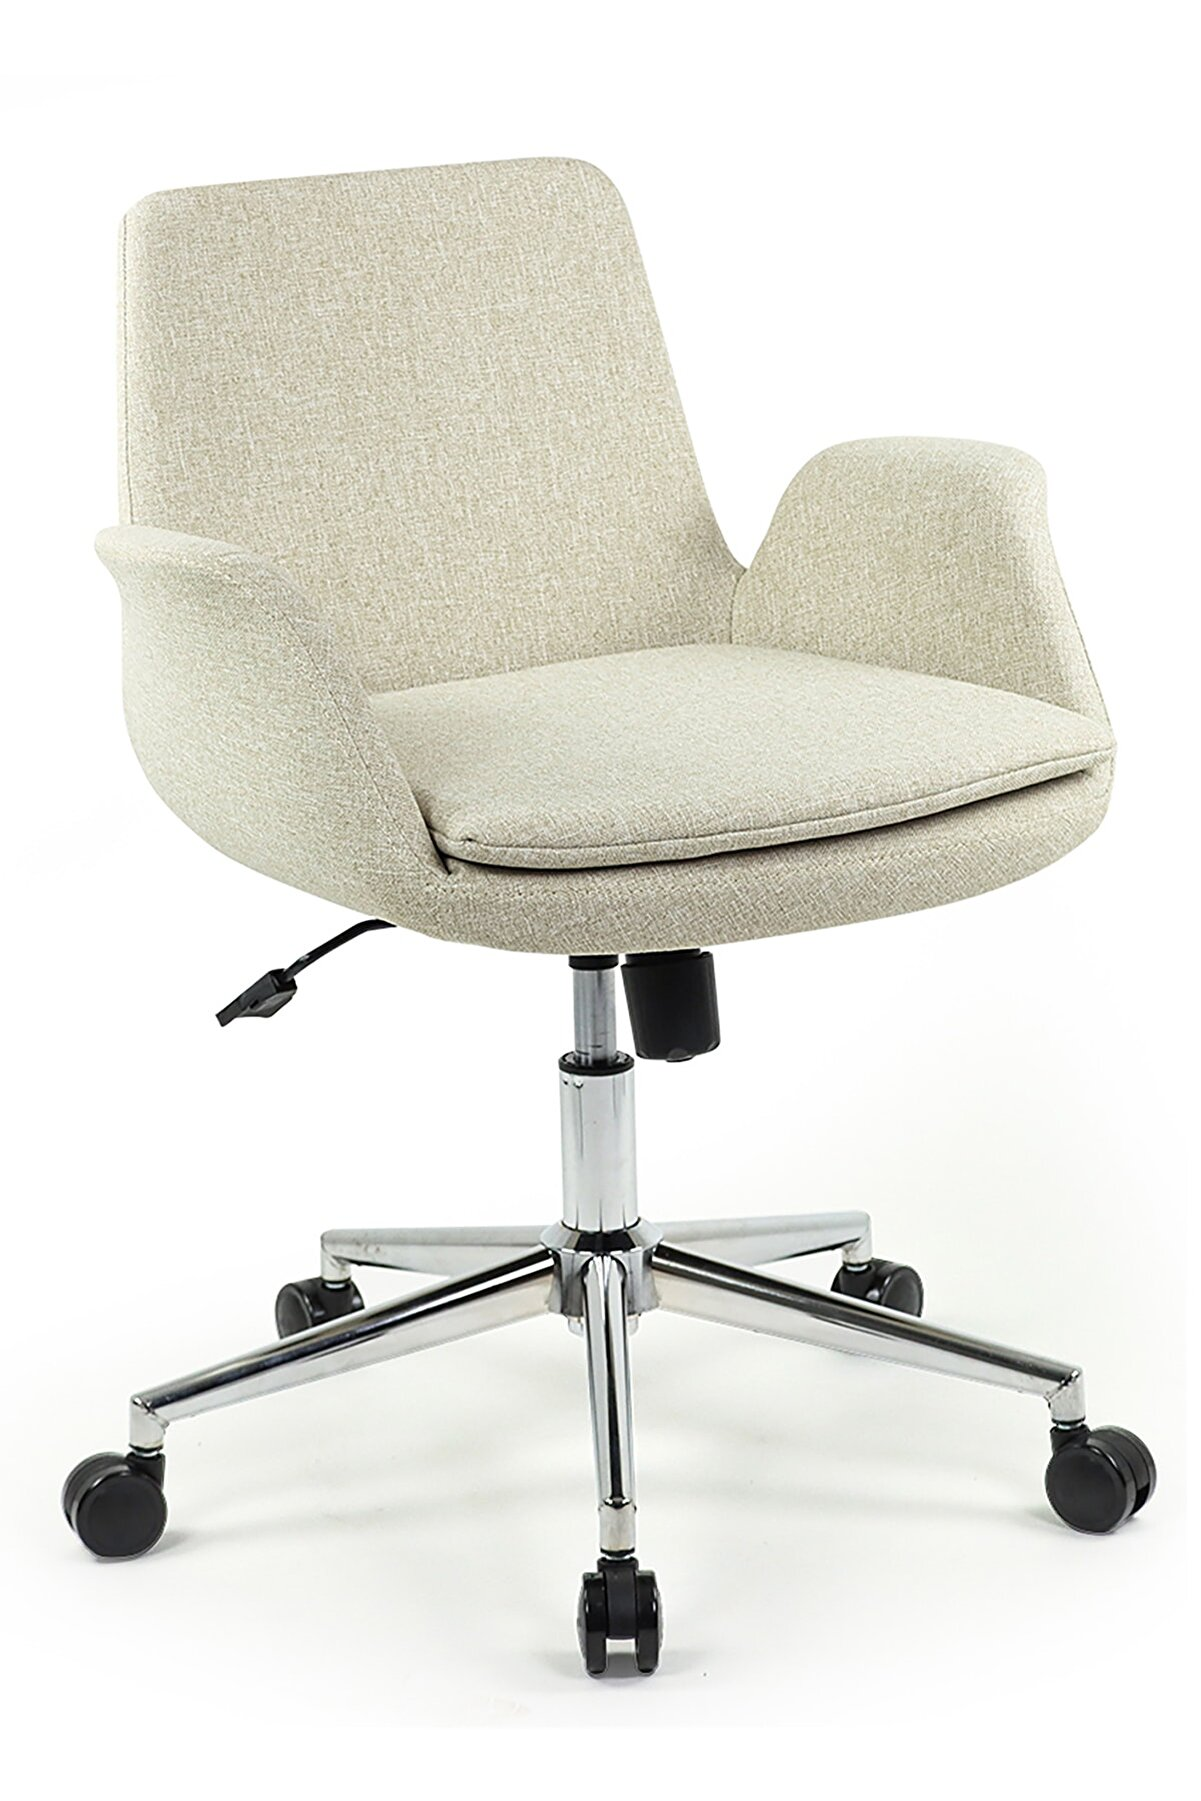 Seduna Maxim Up Çalışma Sandalyesi | Ofis Koltuğu